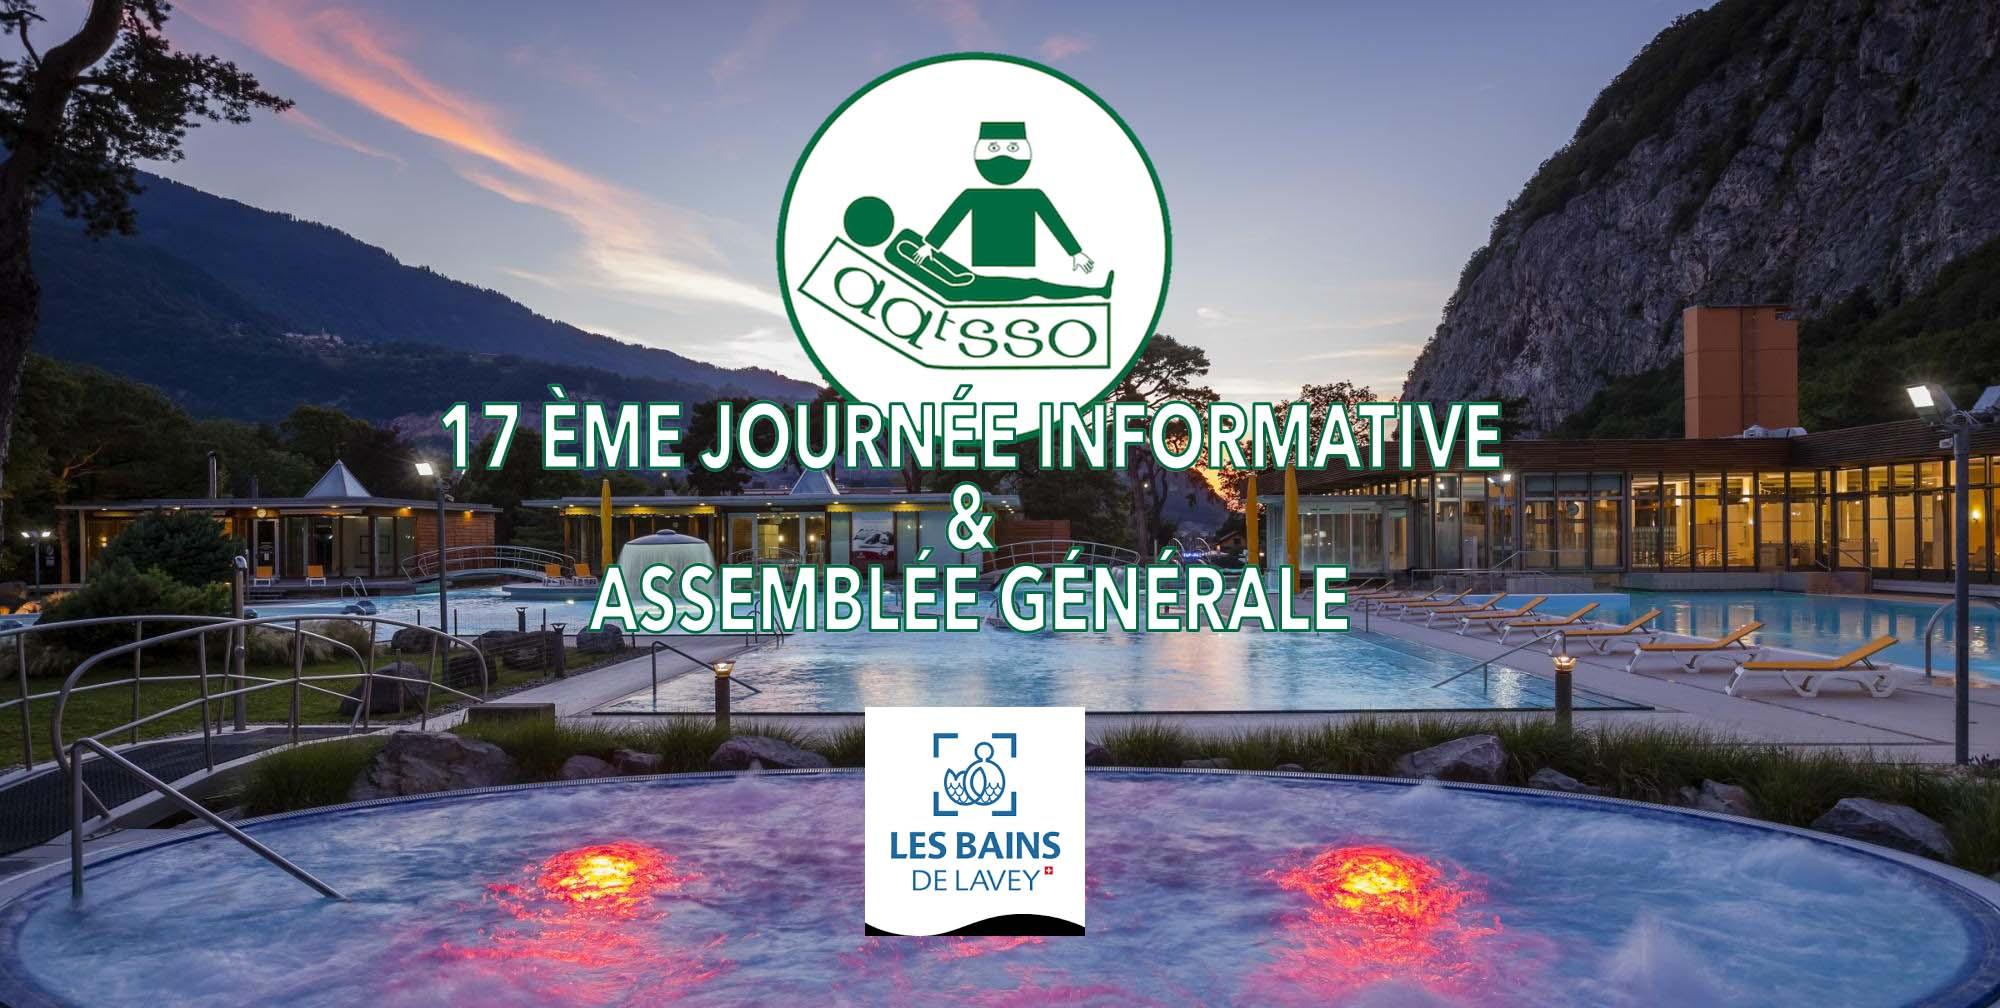 17ème Journée Informative et Assemblée Générale de l'AATSSO